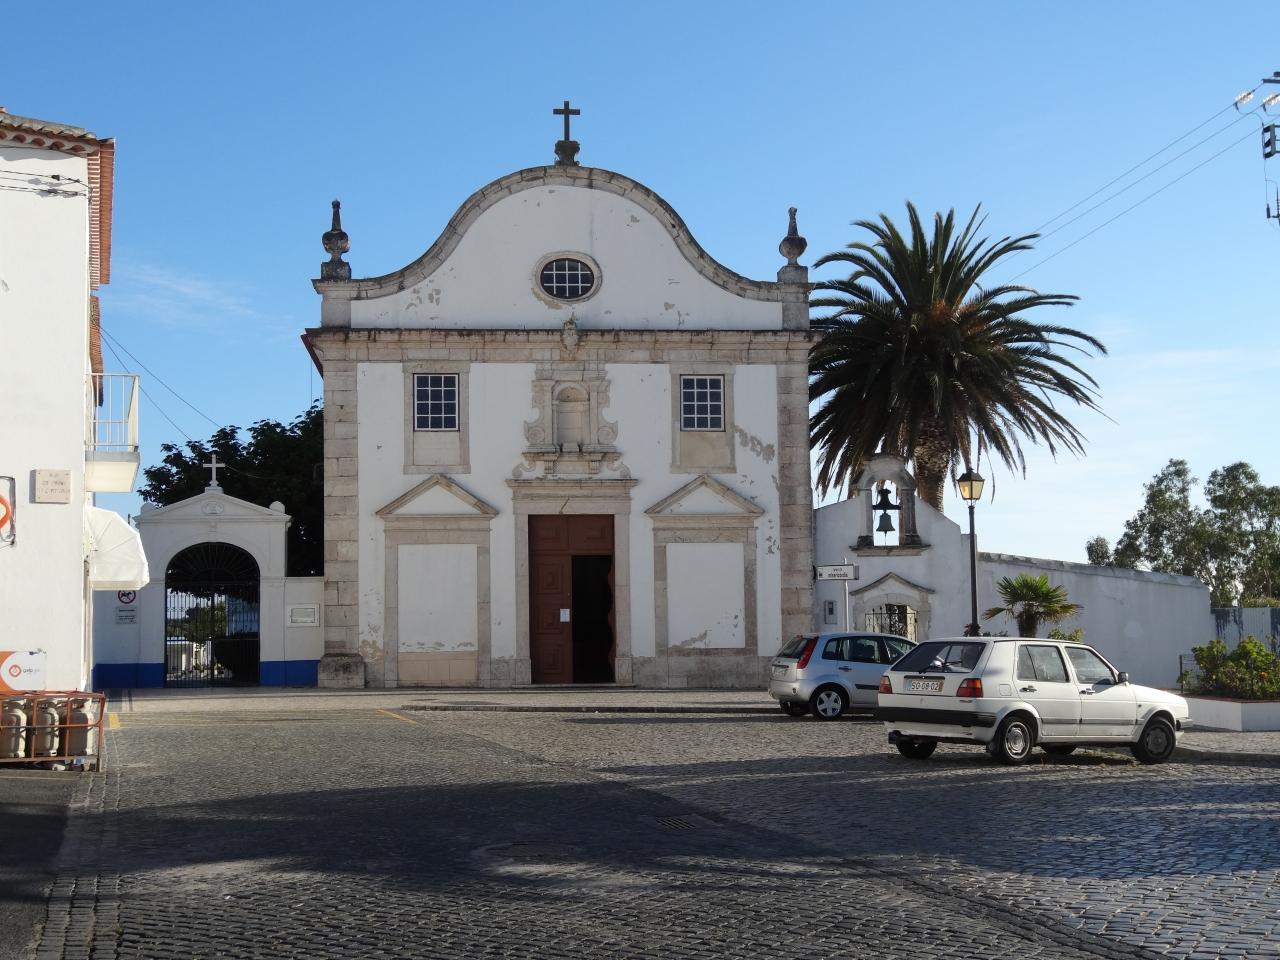 ミゼリコルディア教会 (ナザレ)Igreja da Misericordia da Pederneira